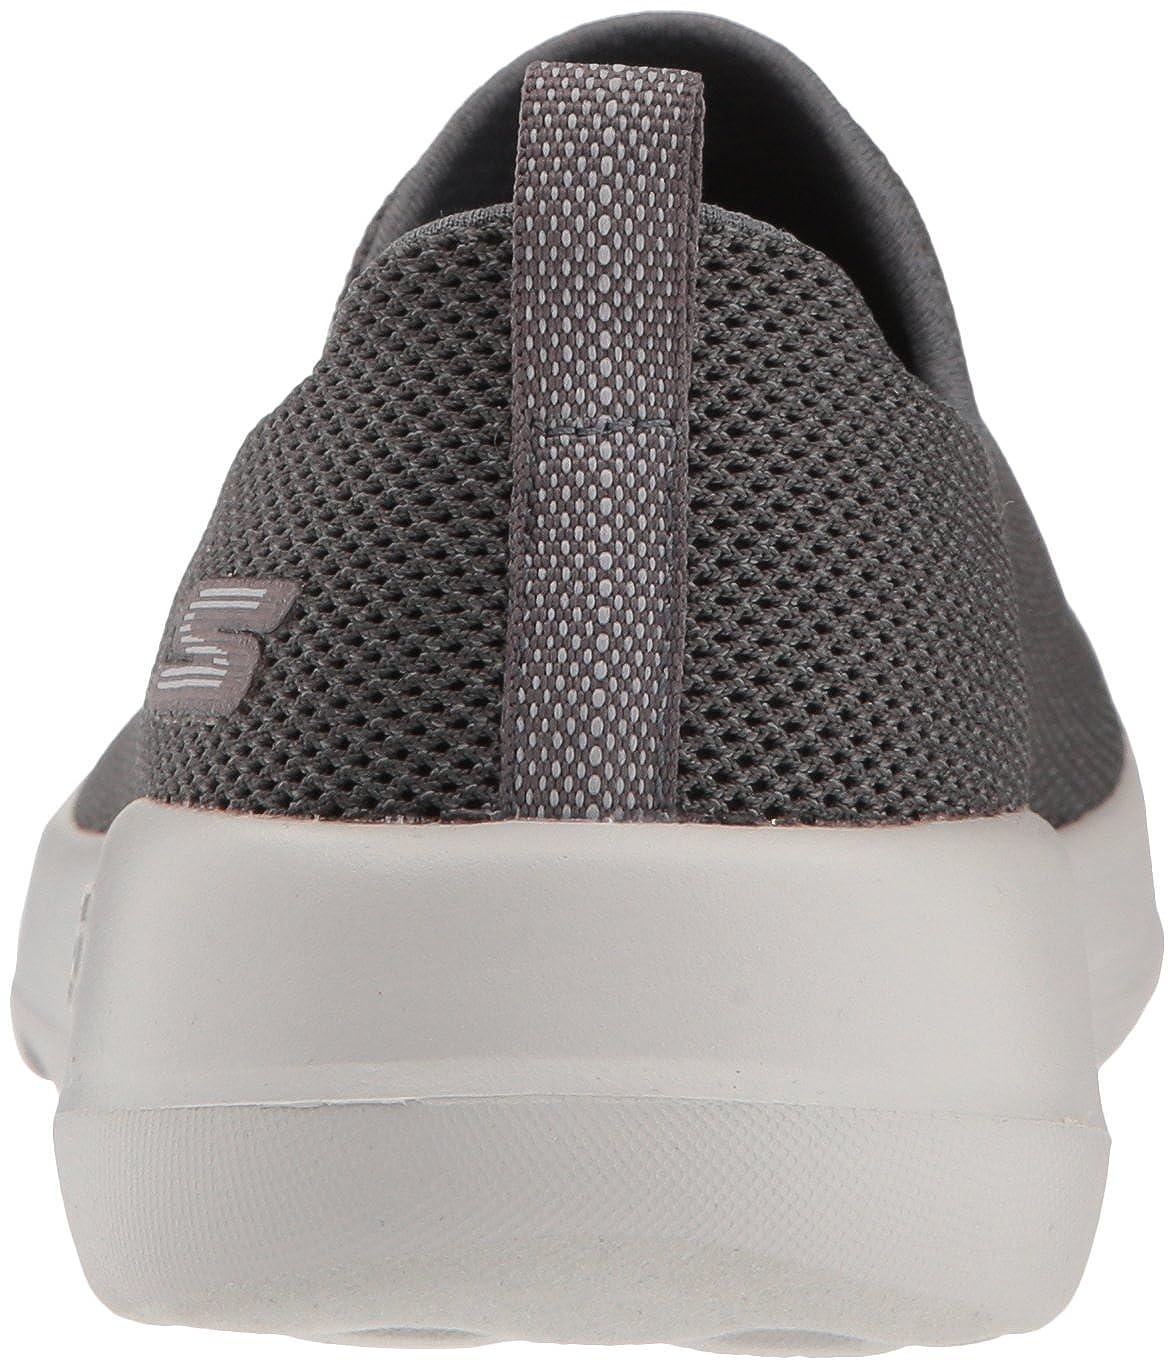 Skechers Skechers15609 - Go Walk Walk Walk Joy - 15609 Damen Anthrazit 0b514d